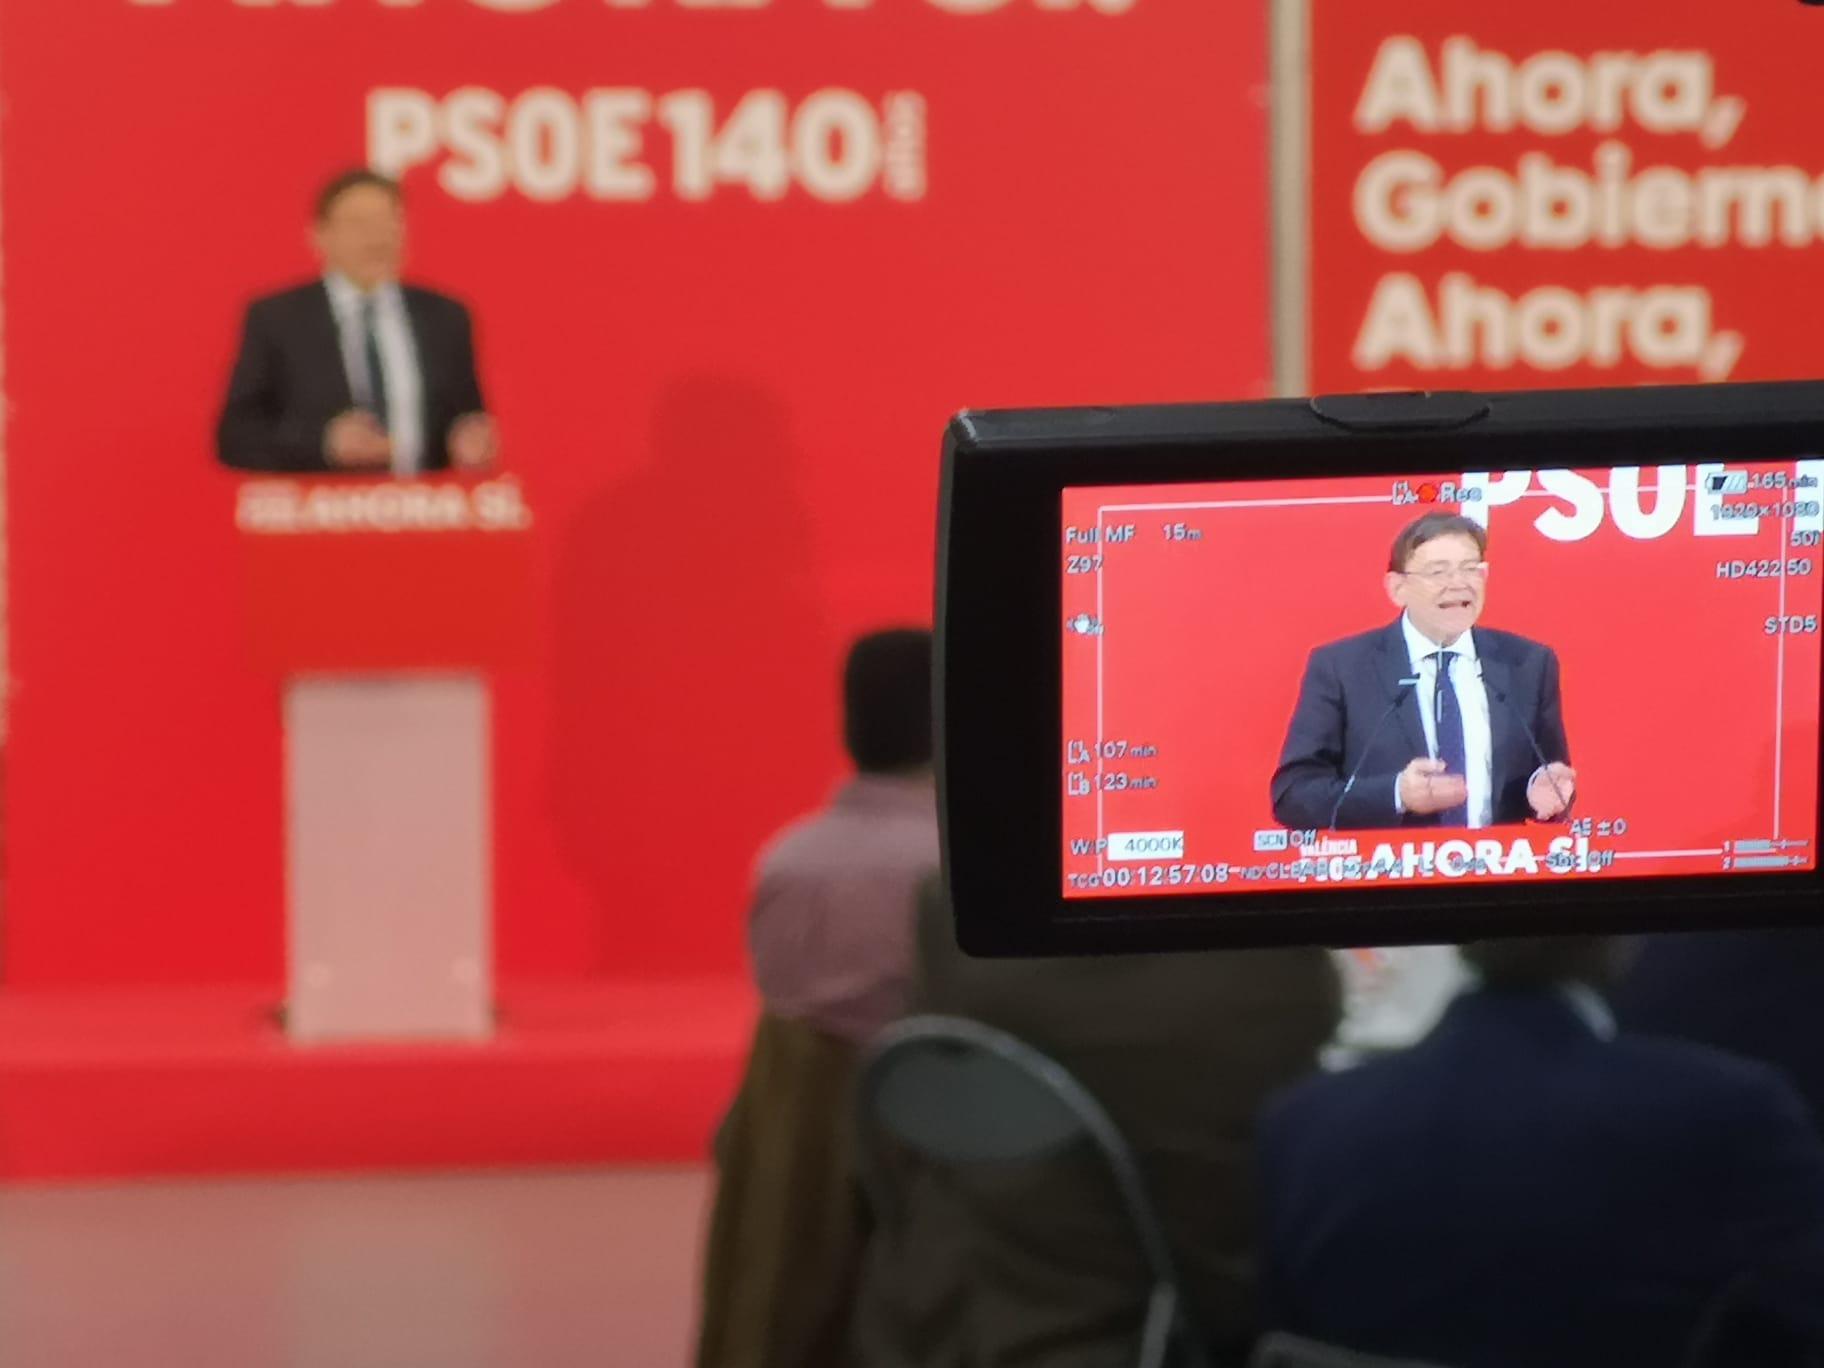 """Ximo Puig: """"Volem que a partir del dia 10 hi haja un govern a Espanya que col·labore amb el Govern valencià per a millorar la vida de les persones"""""""